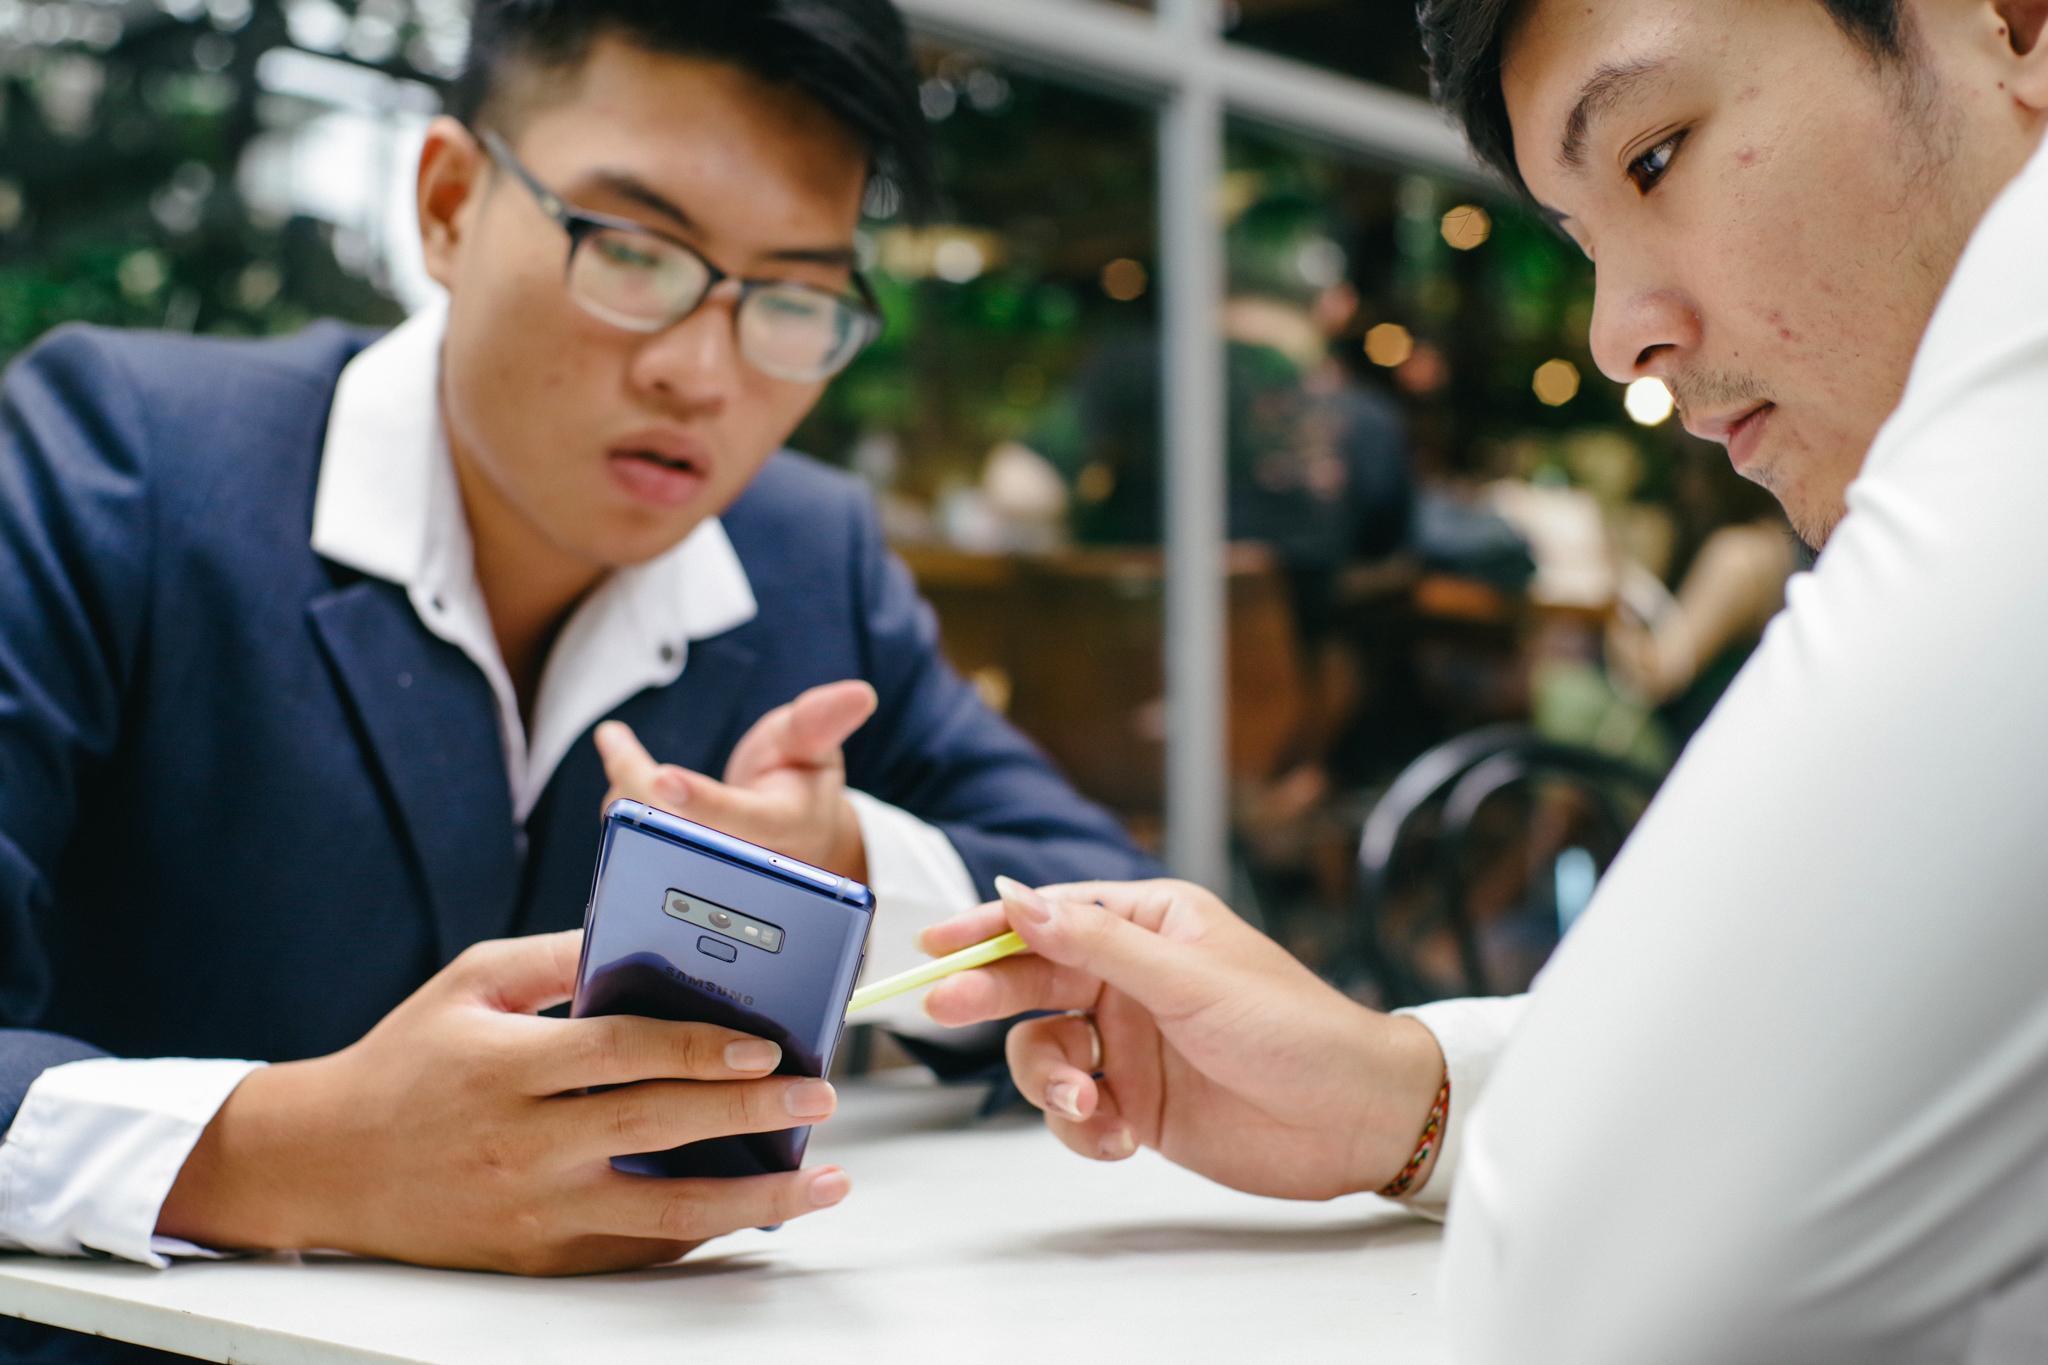 Không chỉ là điện thoại, Galaxy Note9 còn là công cụ tuyệt vời cho chàng trai này kiếm tiền hàng ngày - Ảnh 13.